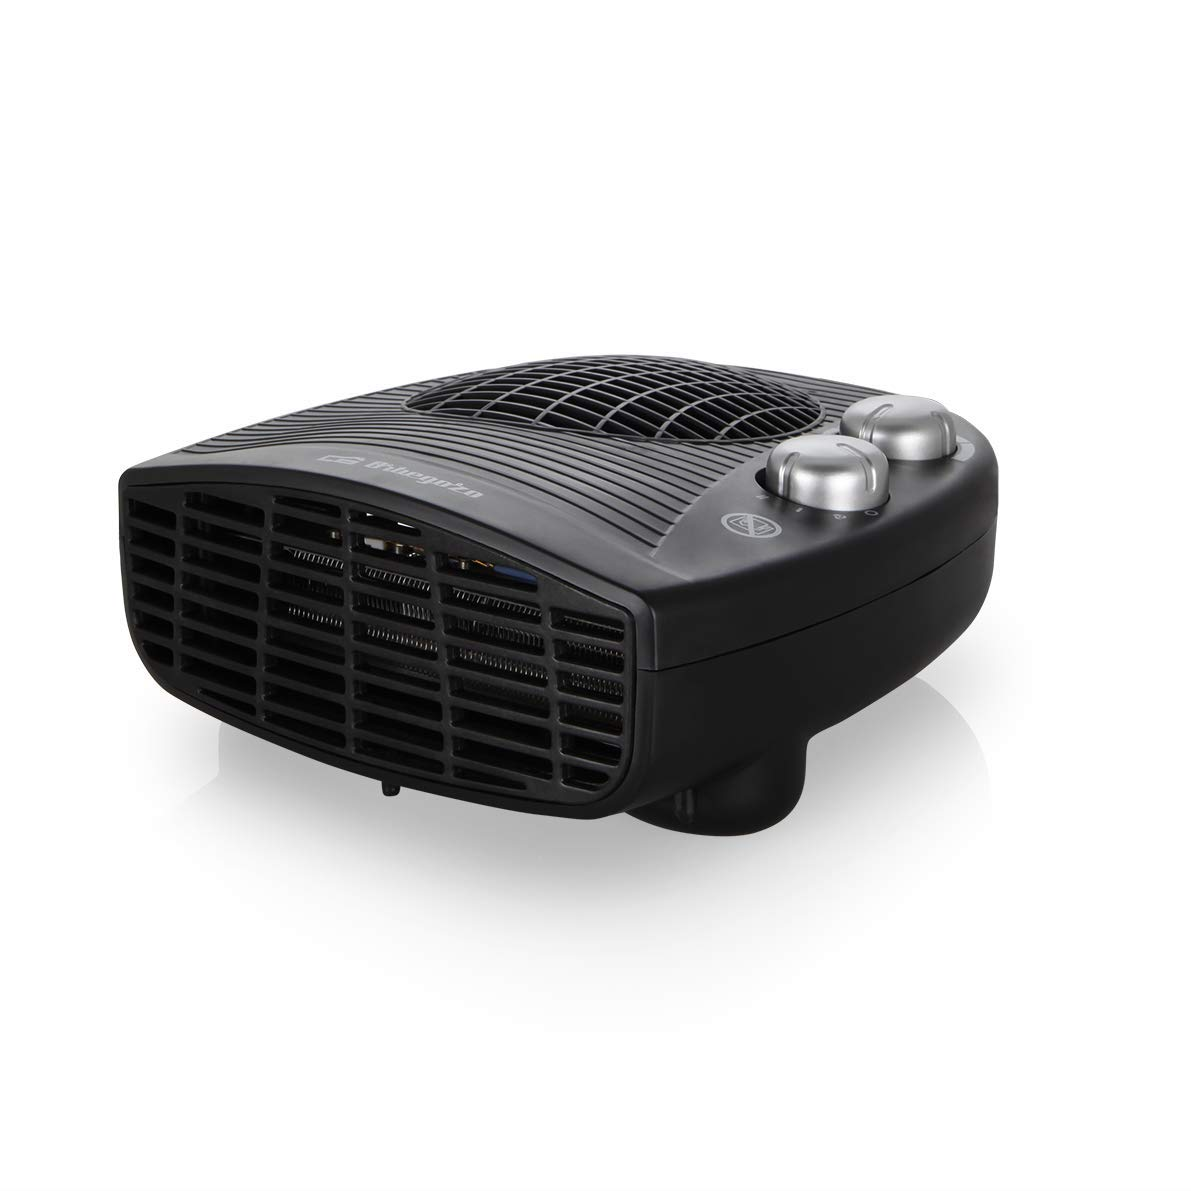 Orbegozo FH-5028 Calefactor eléctrico con termostato ajustable, 2000 W de potencia, 2 posiciones de calor y función ventilador